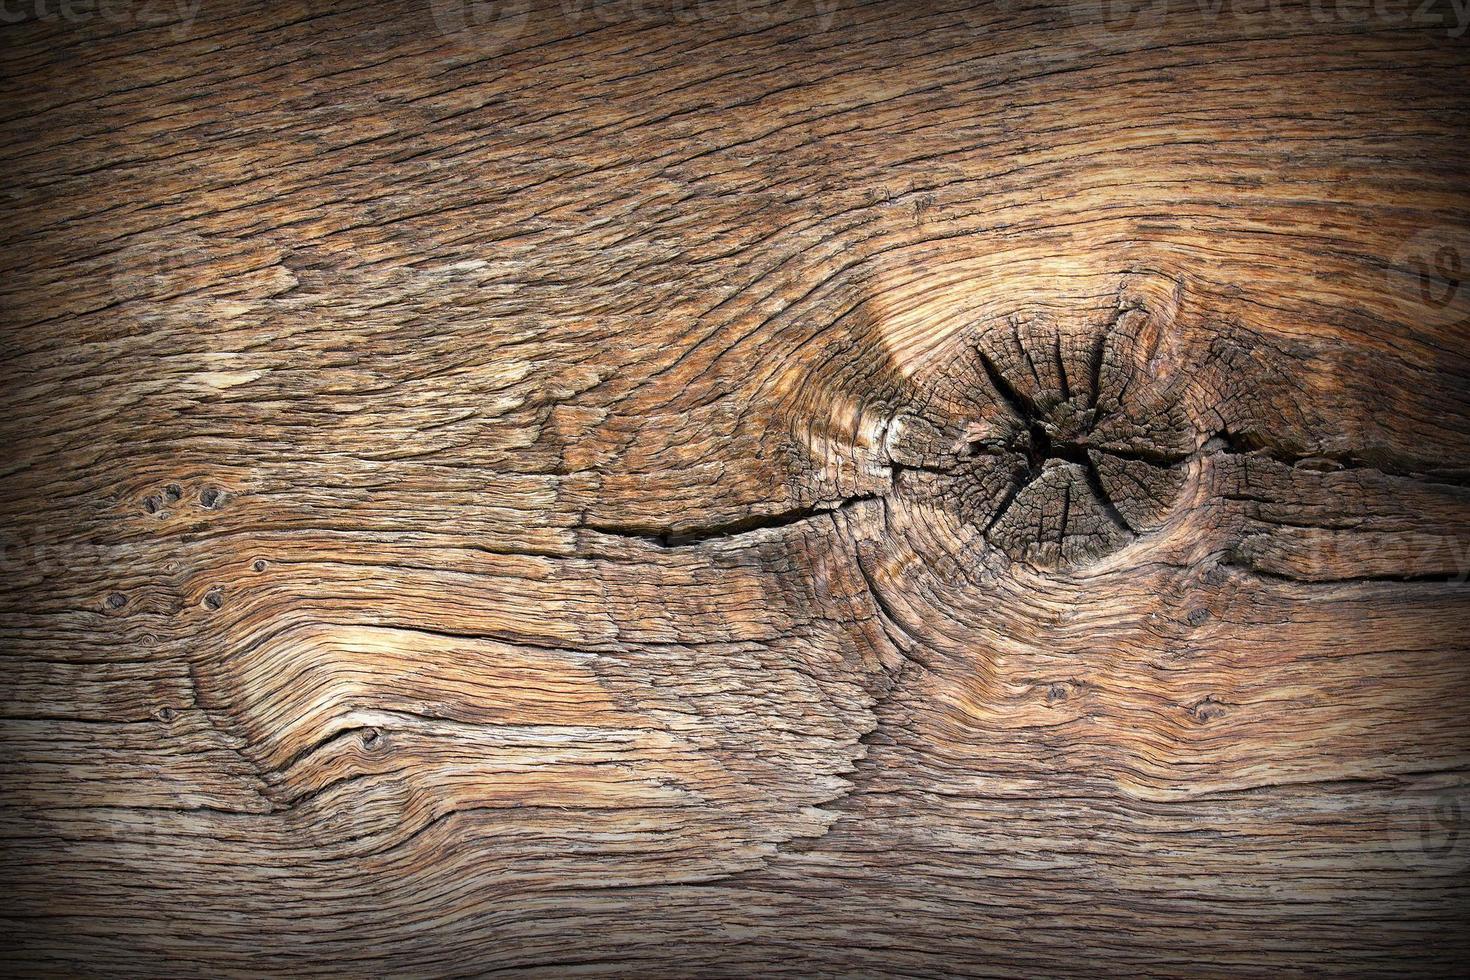 knut på gammal träplanka foto